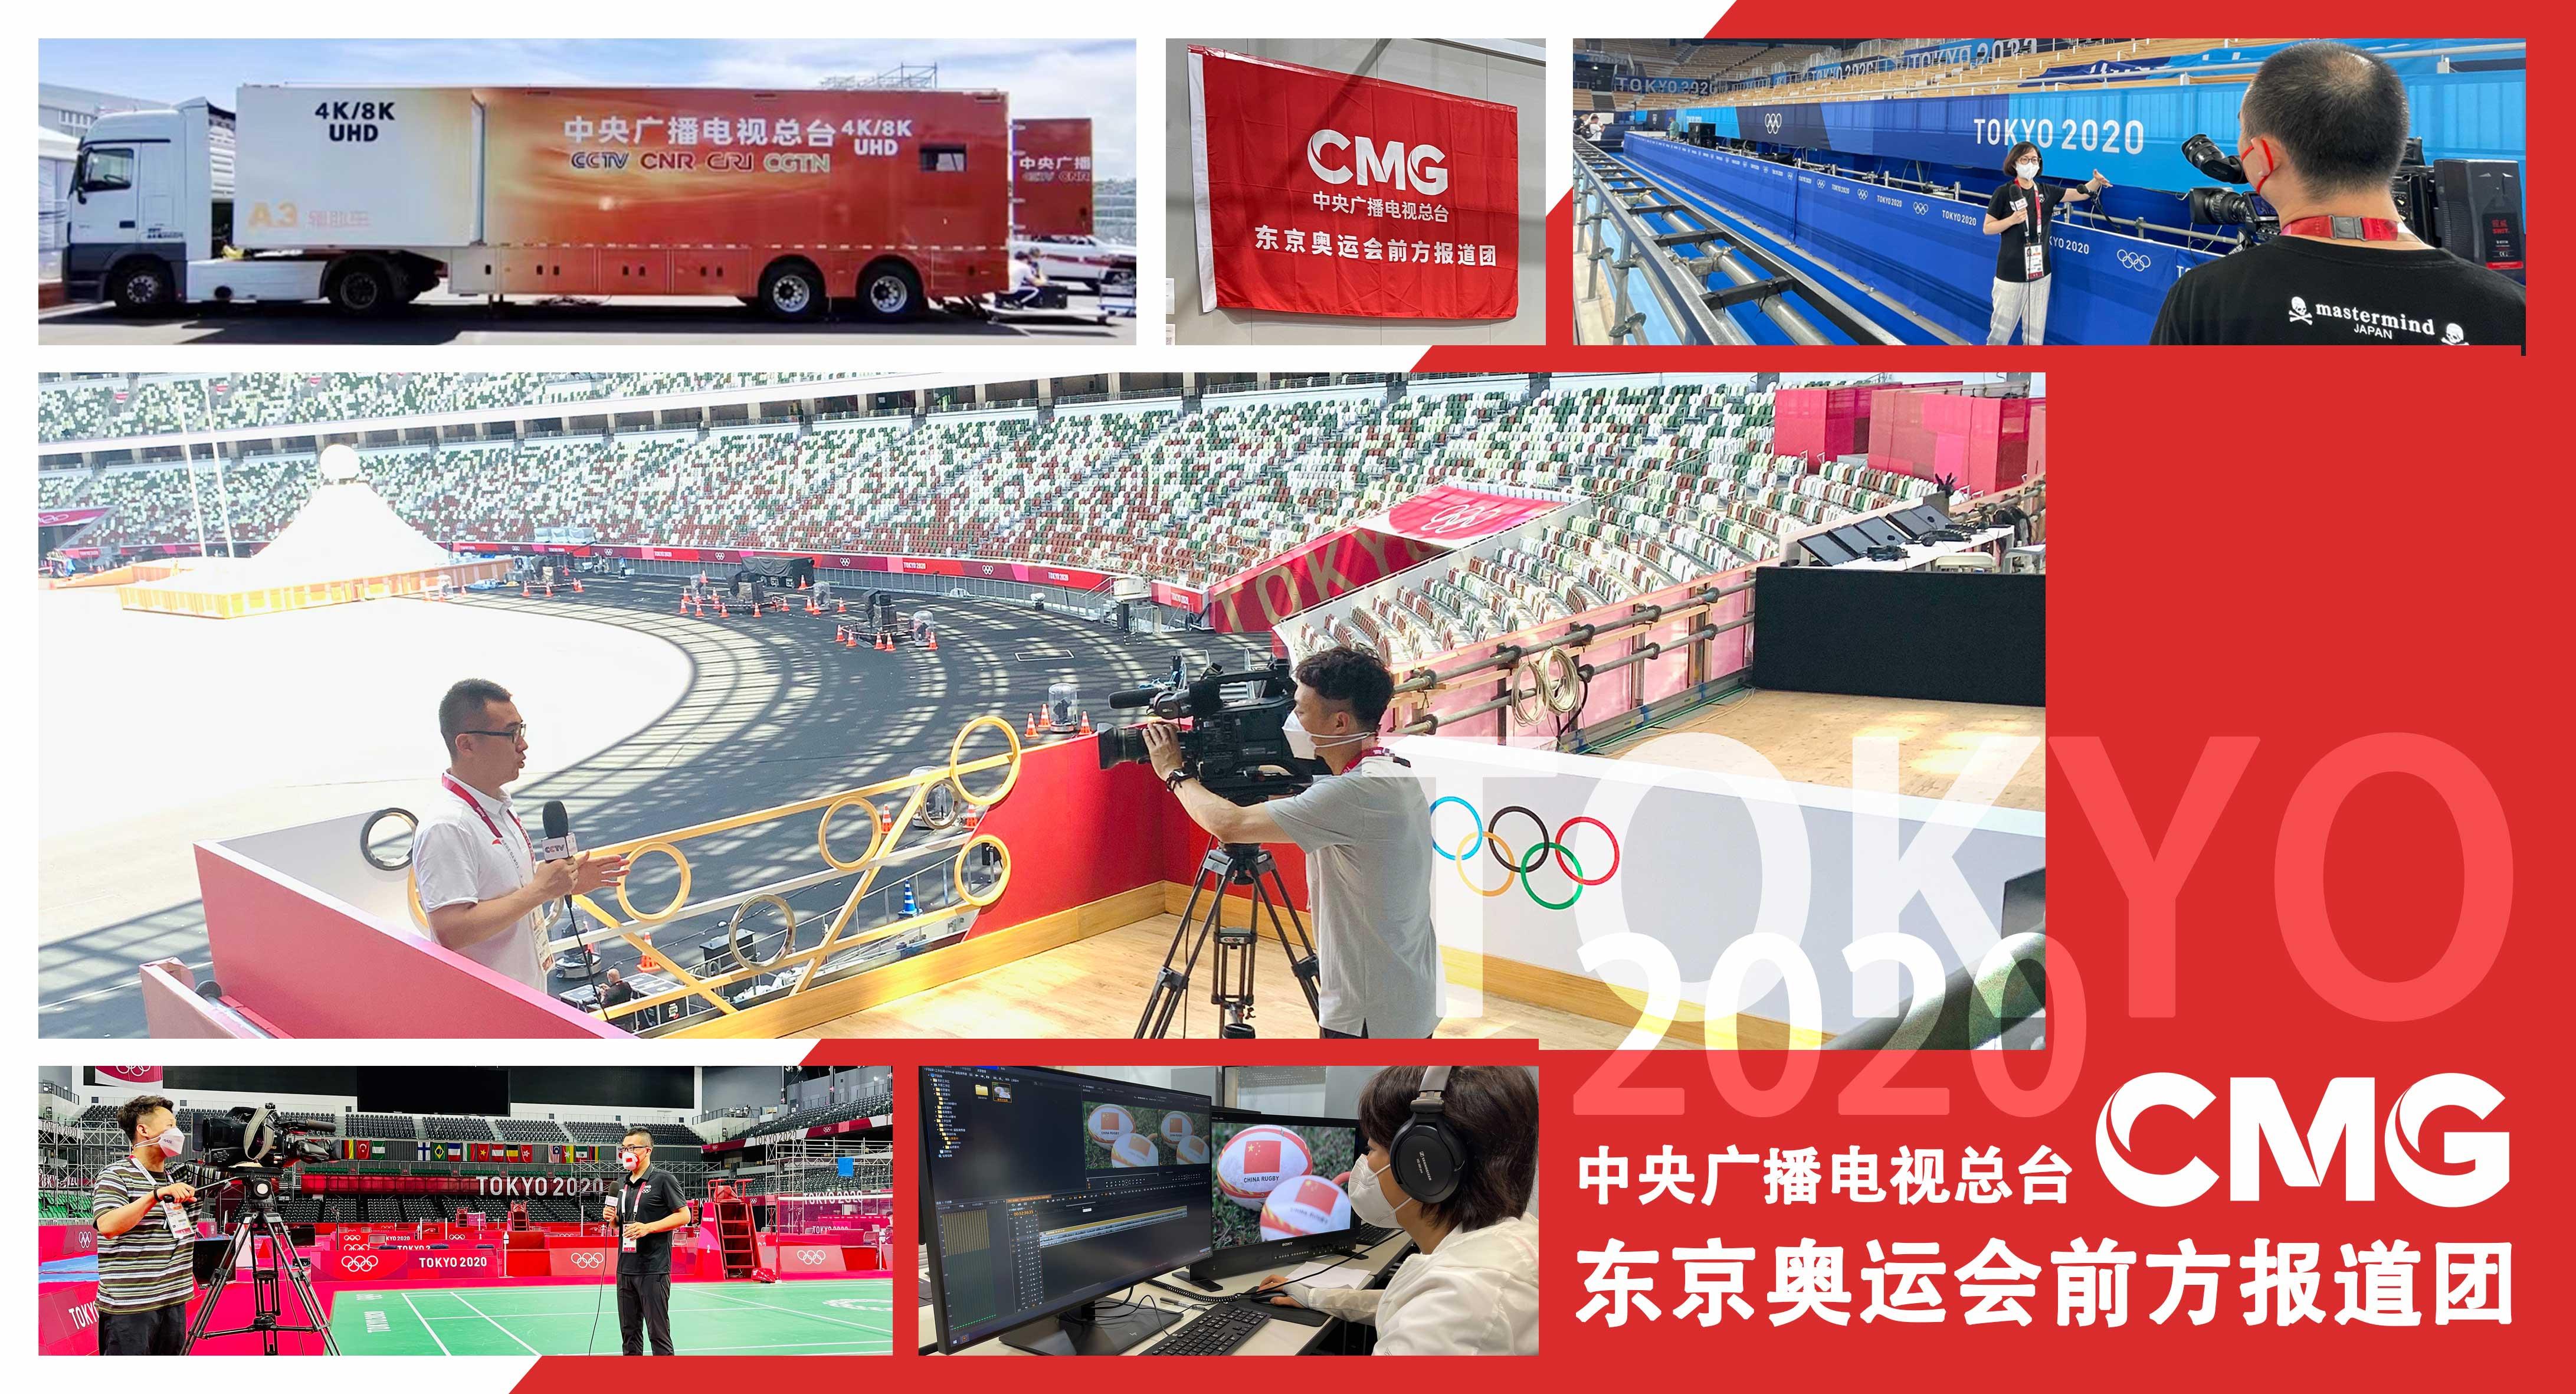 澳门受众可同步欣赏奥运直播!中央广播电视总台与澳门达成东京奥运会、北京冬奥会赛事合作插图(3)